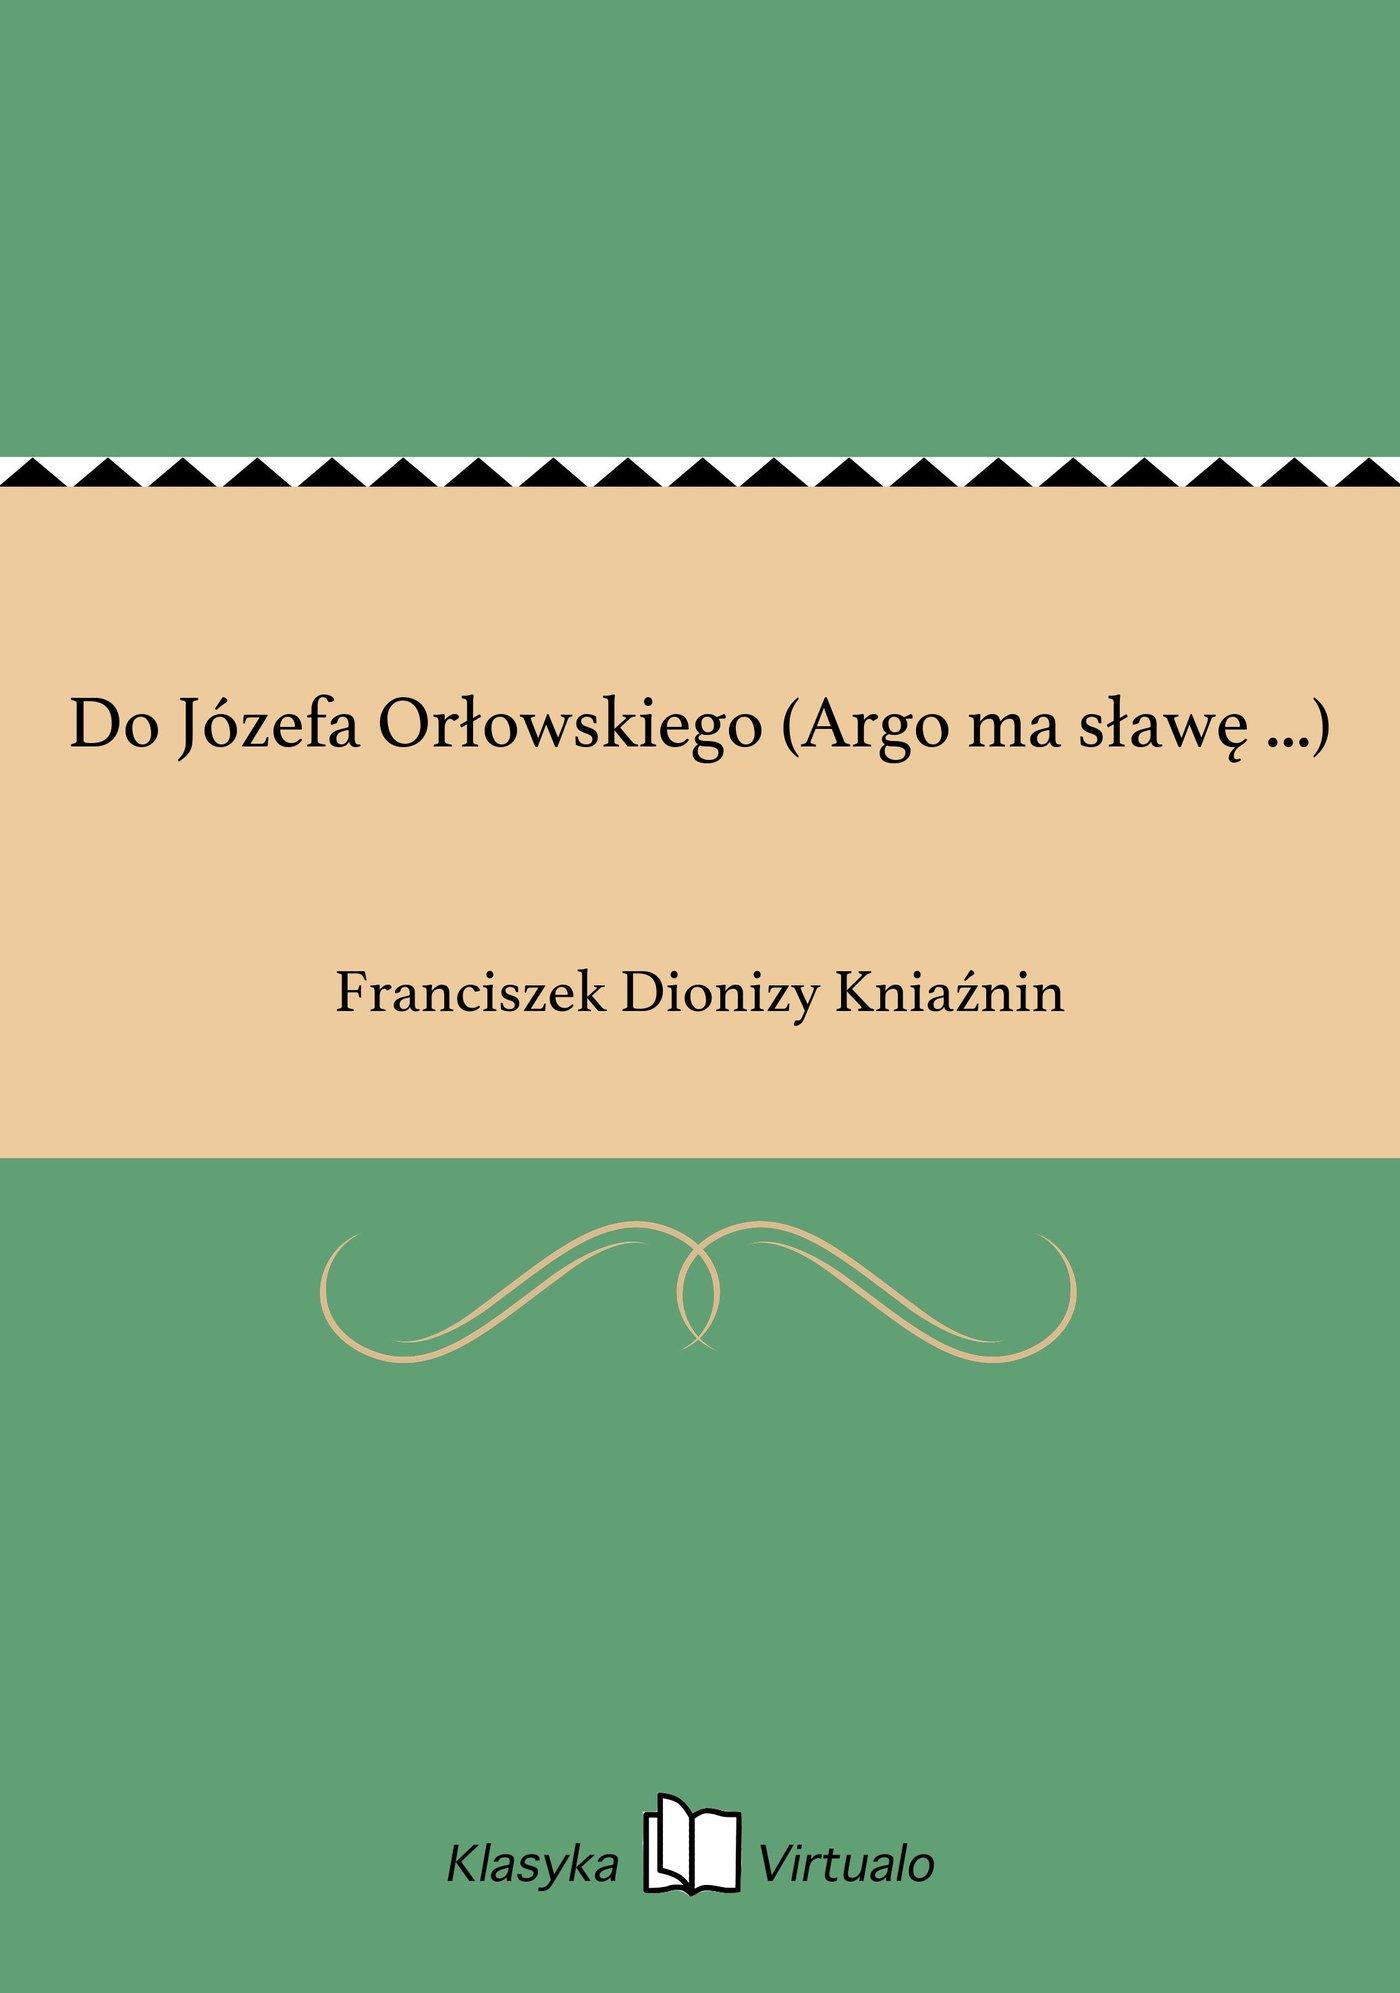 Do Józefa Orłowskiego (Argo ma sławę ...) - Ebook (Książka EPUB) do pobrania w formacie EPUB